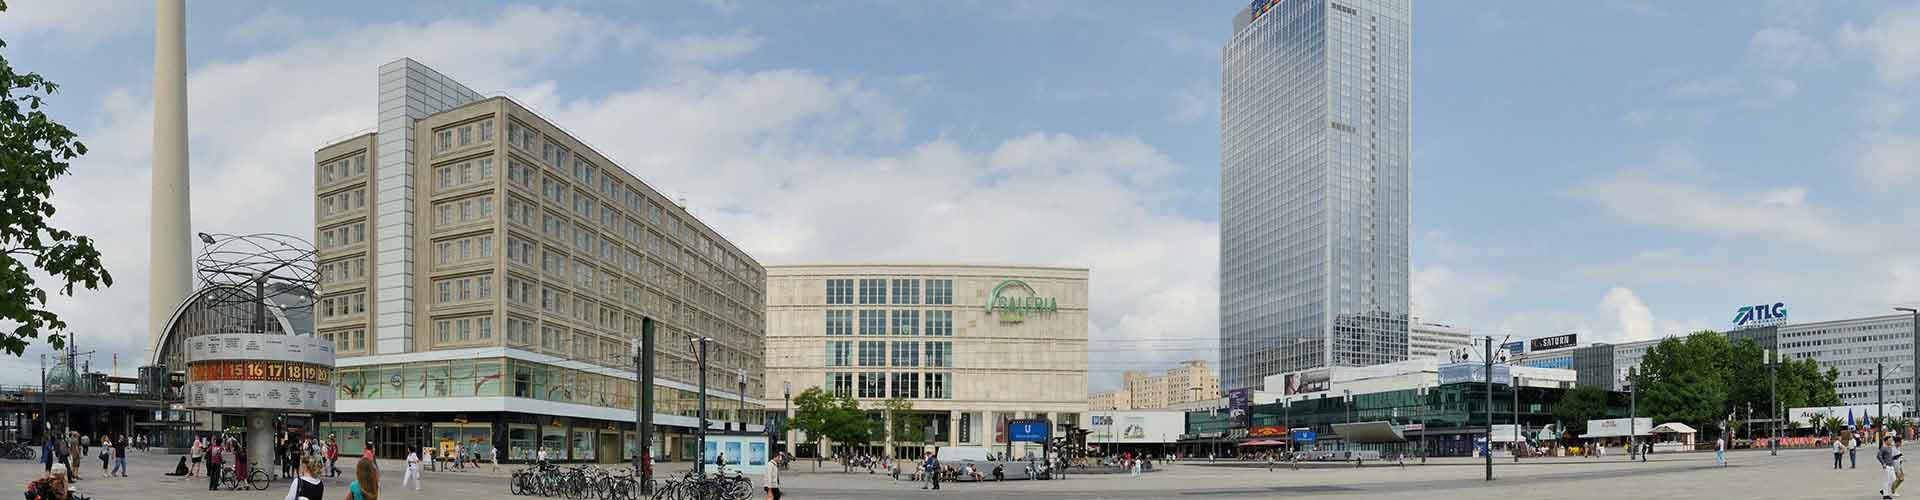 Berlin – Hostellit lähellä Alexanderplatz. Berlin -karttoja, valokuvia ja arvosteluja kaikista Berlin -hostelleista.